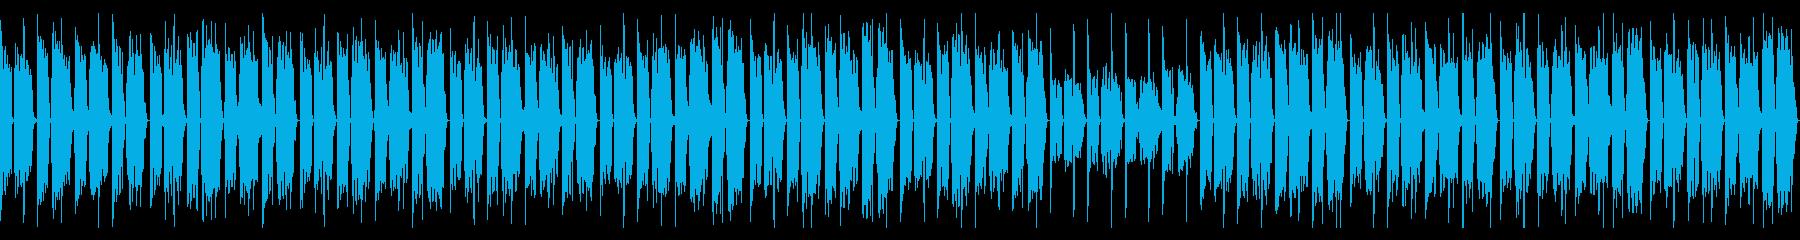 3分クッキングの曲のチルホップアレンジの再生済みの波形